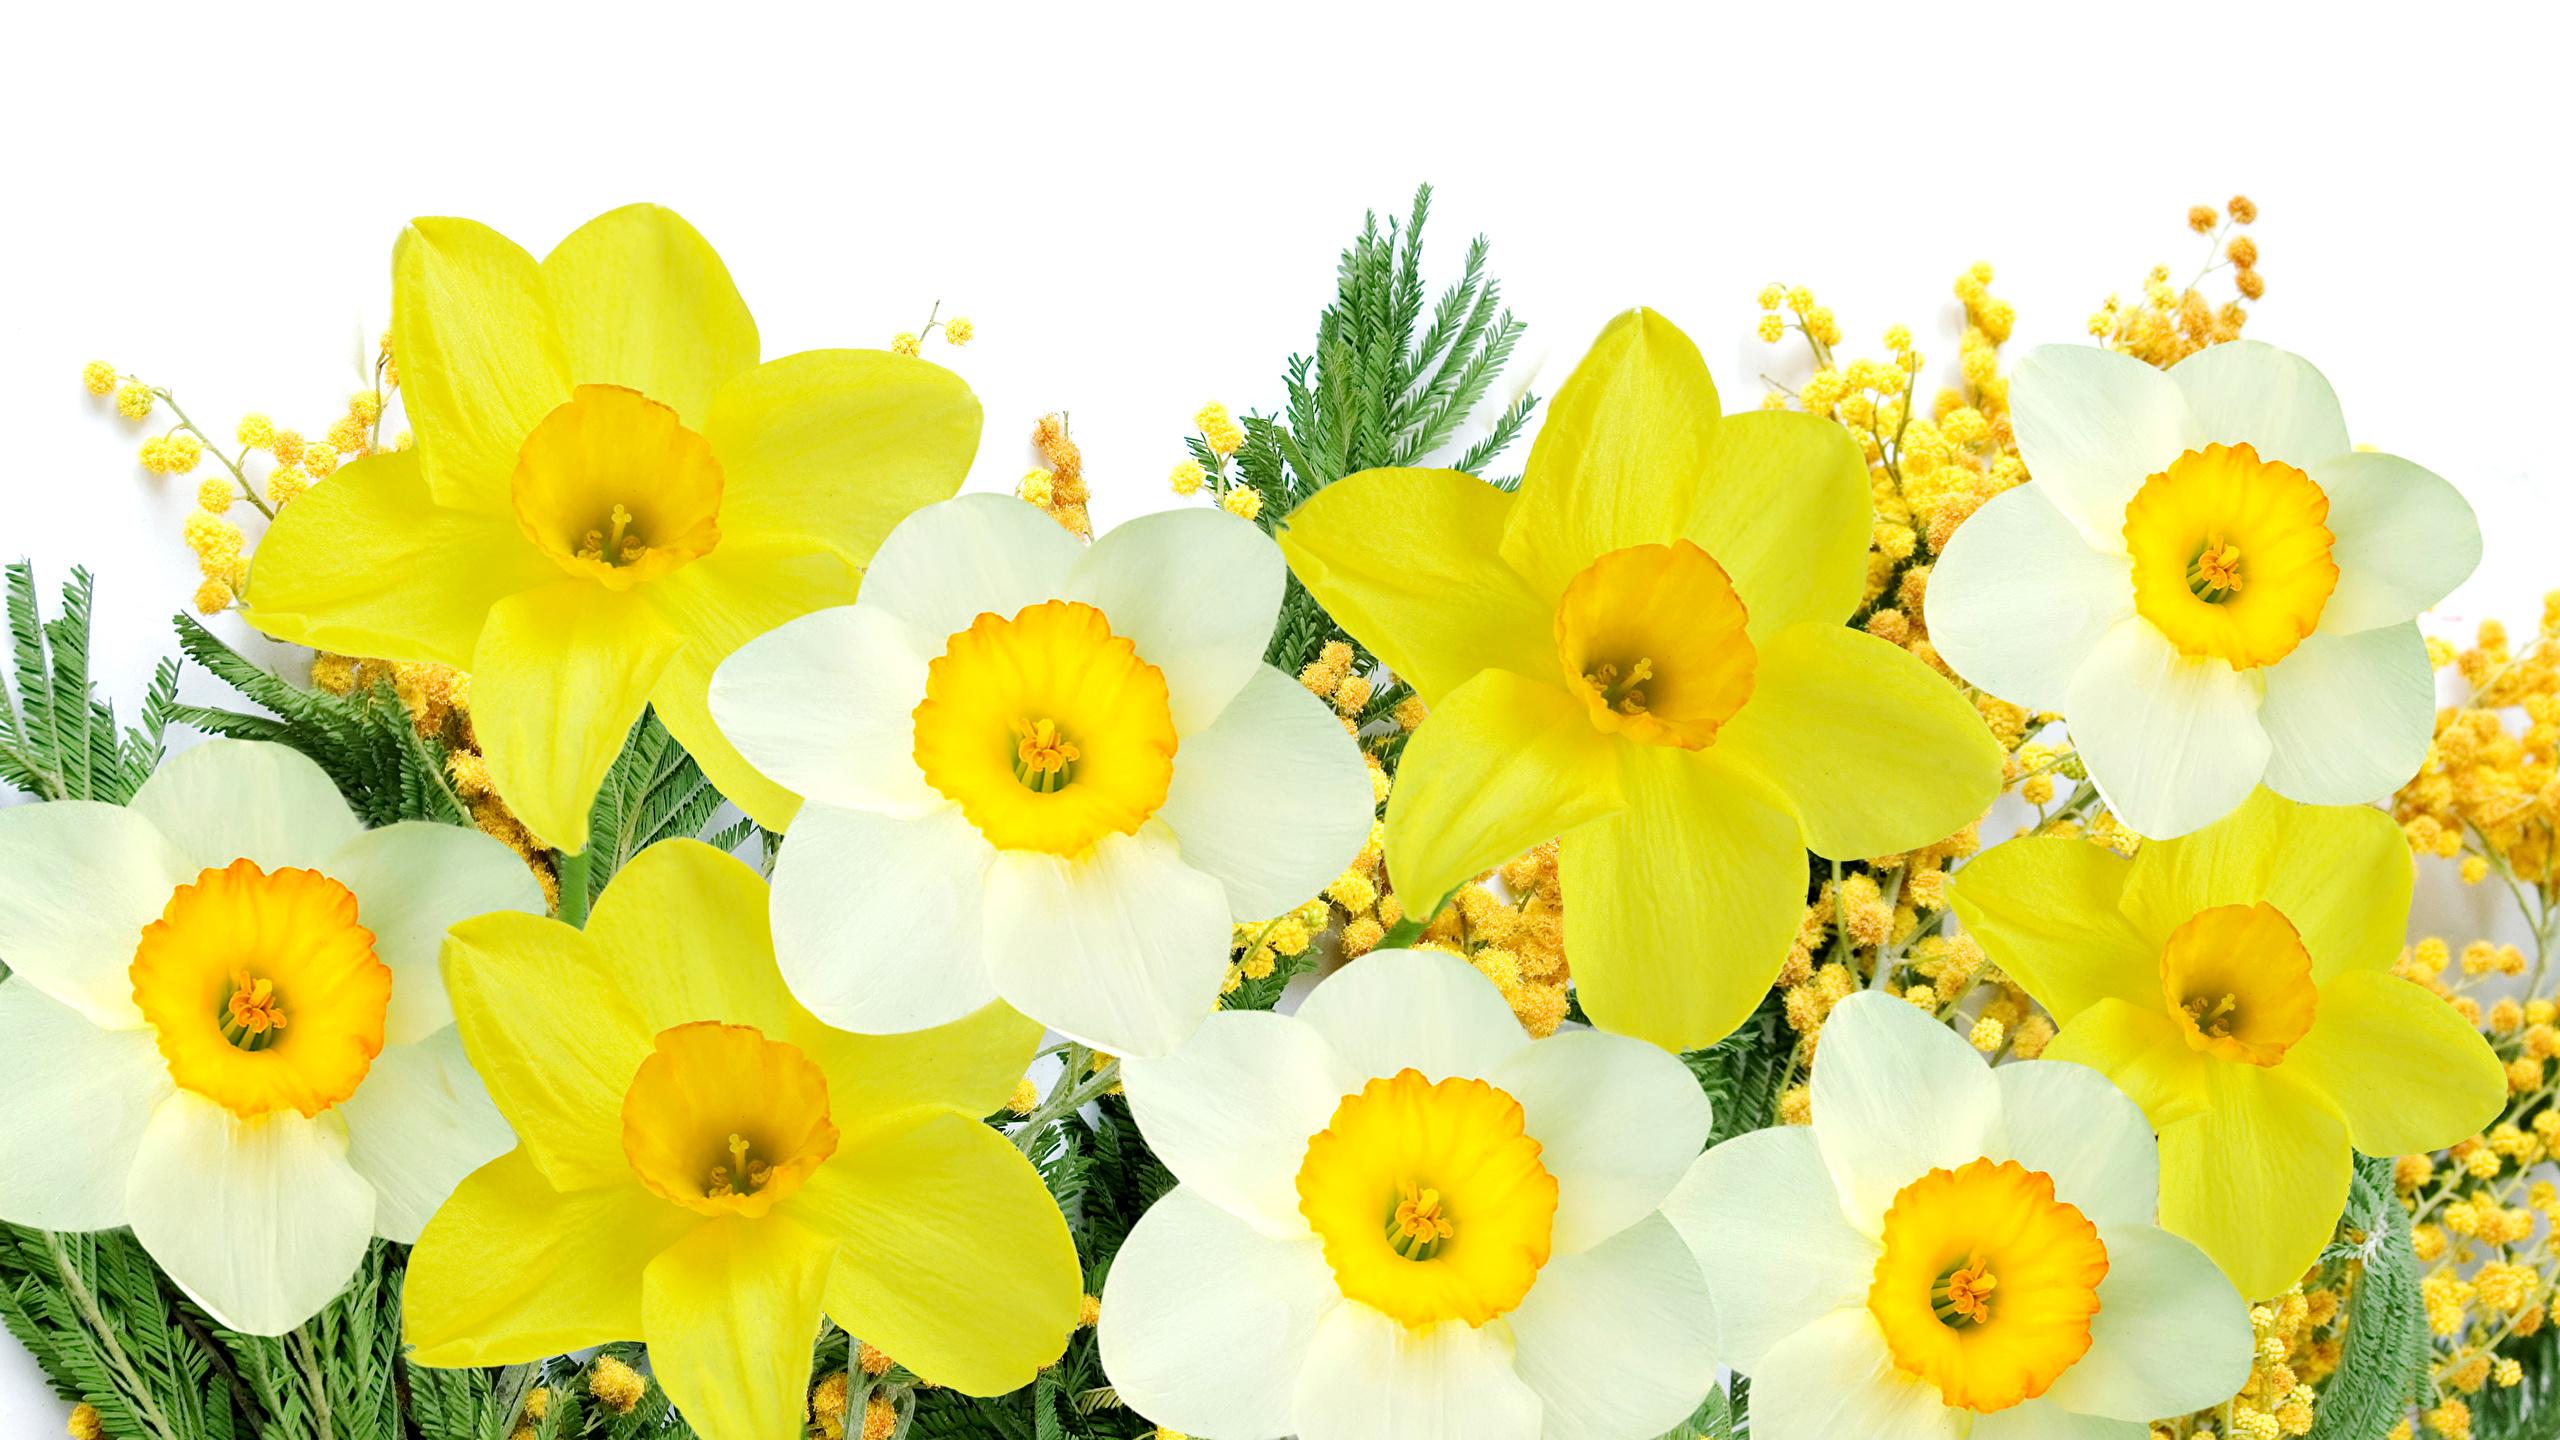 Картинки цветок Нарциссы вблизи Белый фон 2560x1440 Цветы белом фоне белым фоном Крупным планом